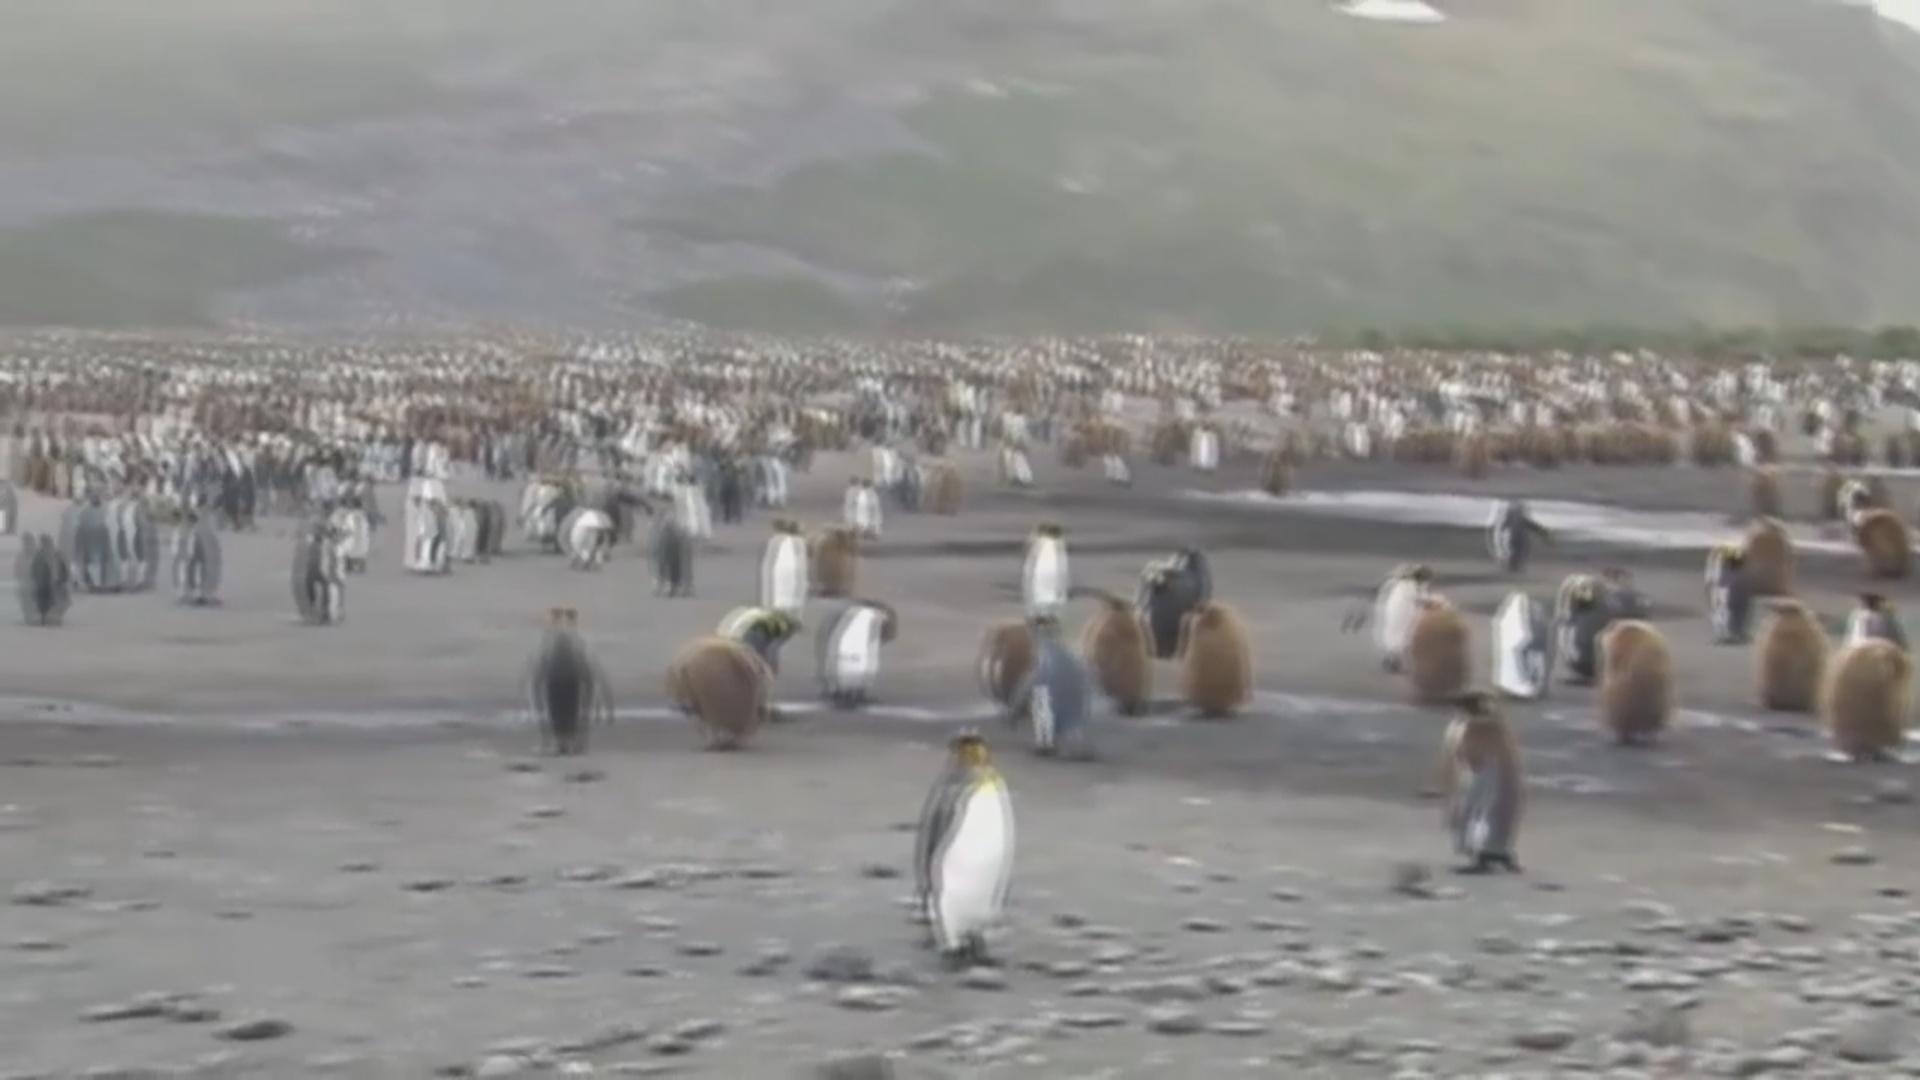 Alimlər milyonlarla pinqvinin olduğu ada aşkarlayıblar